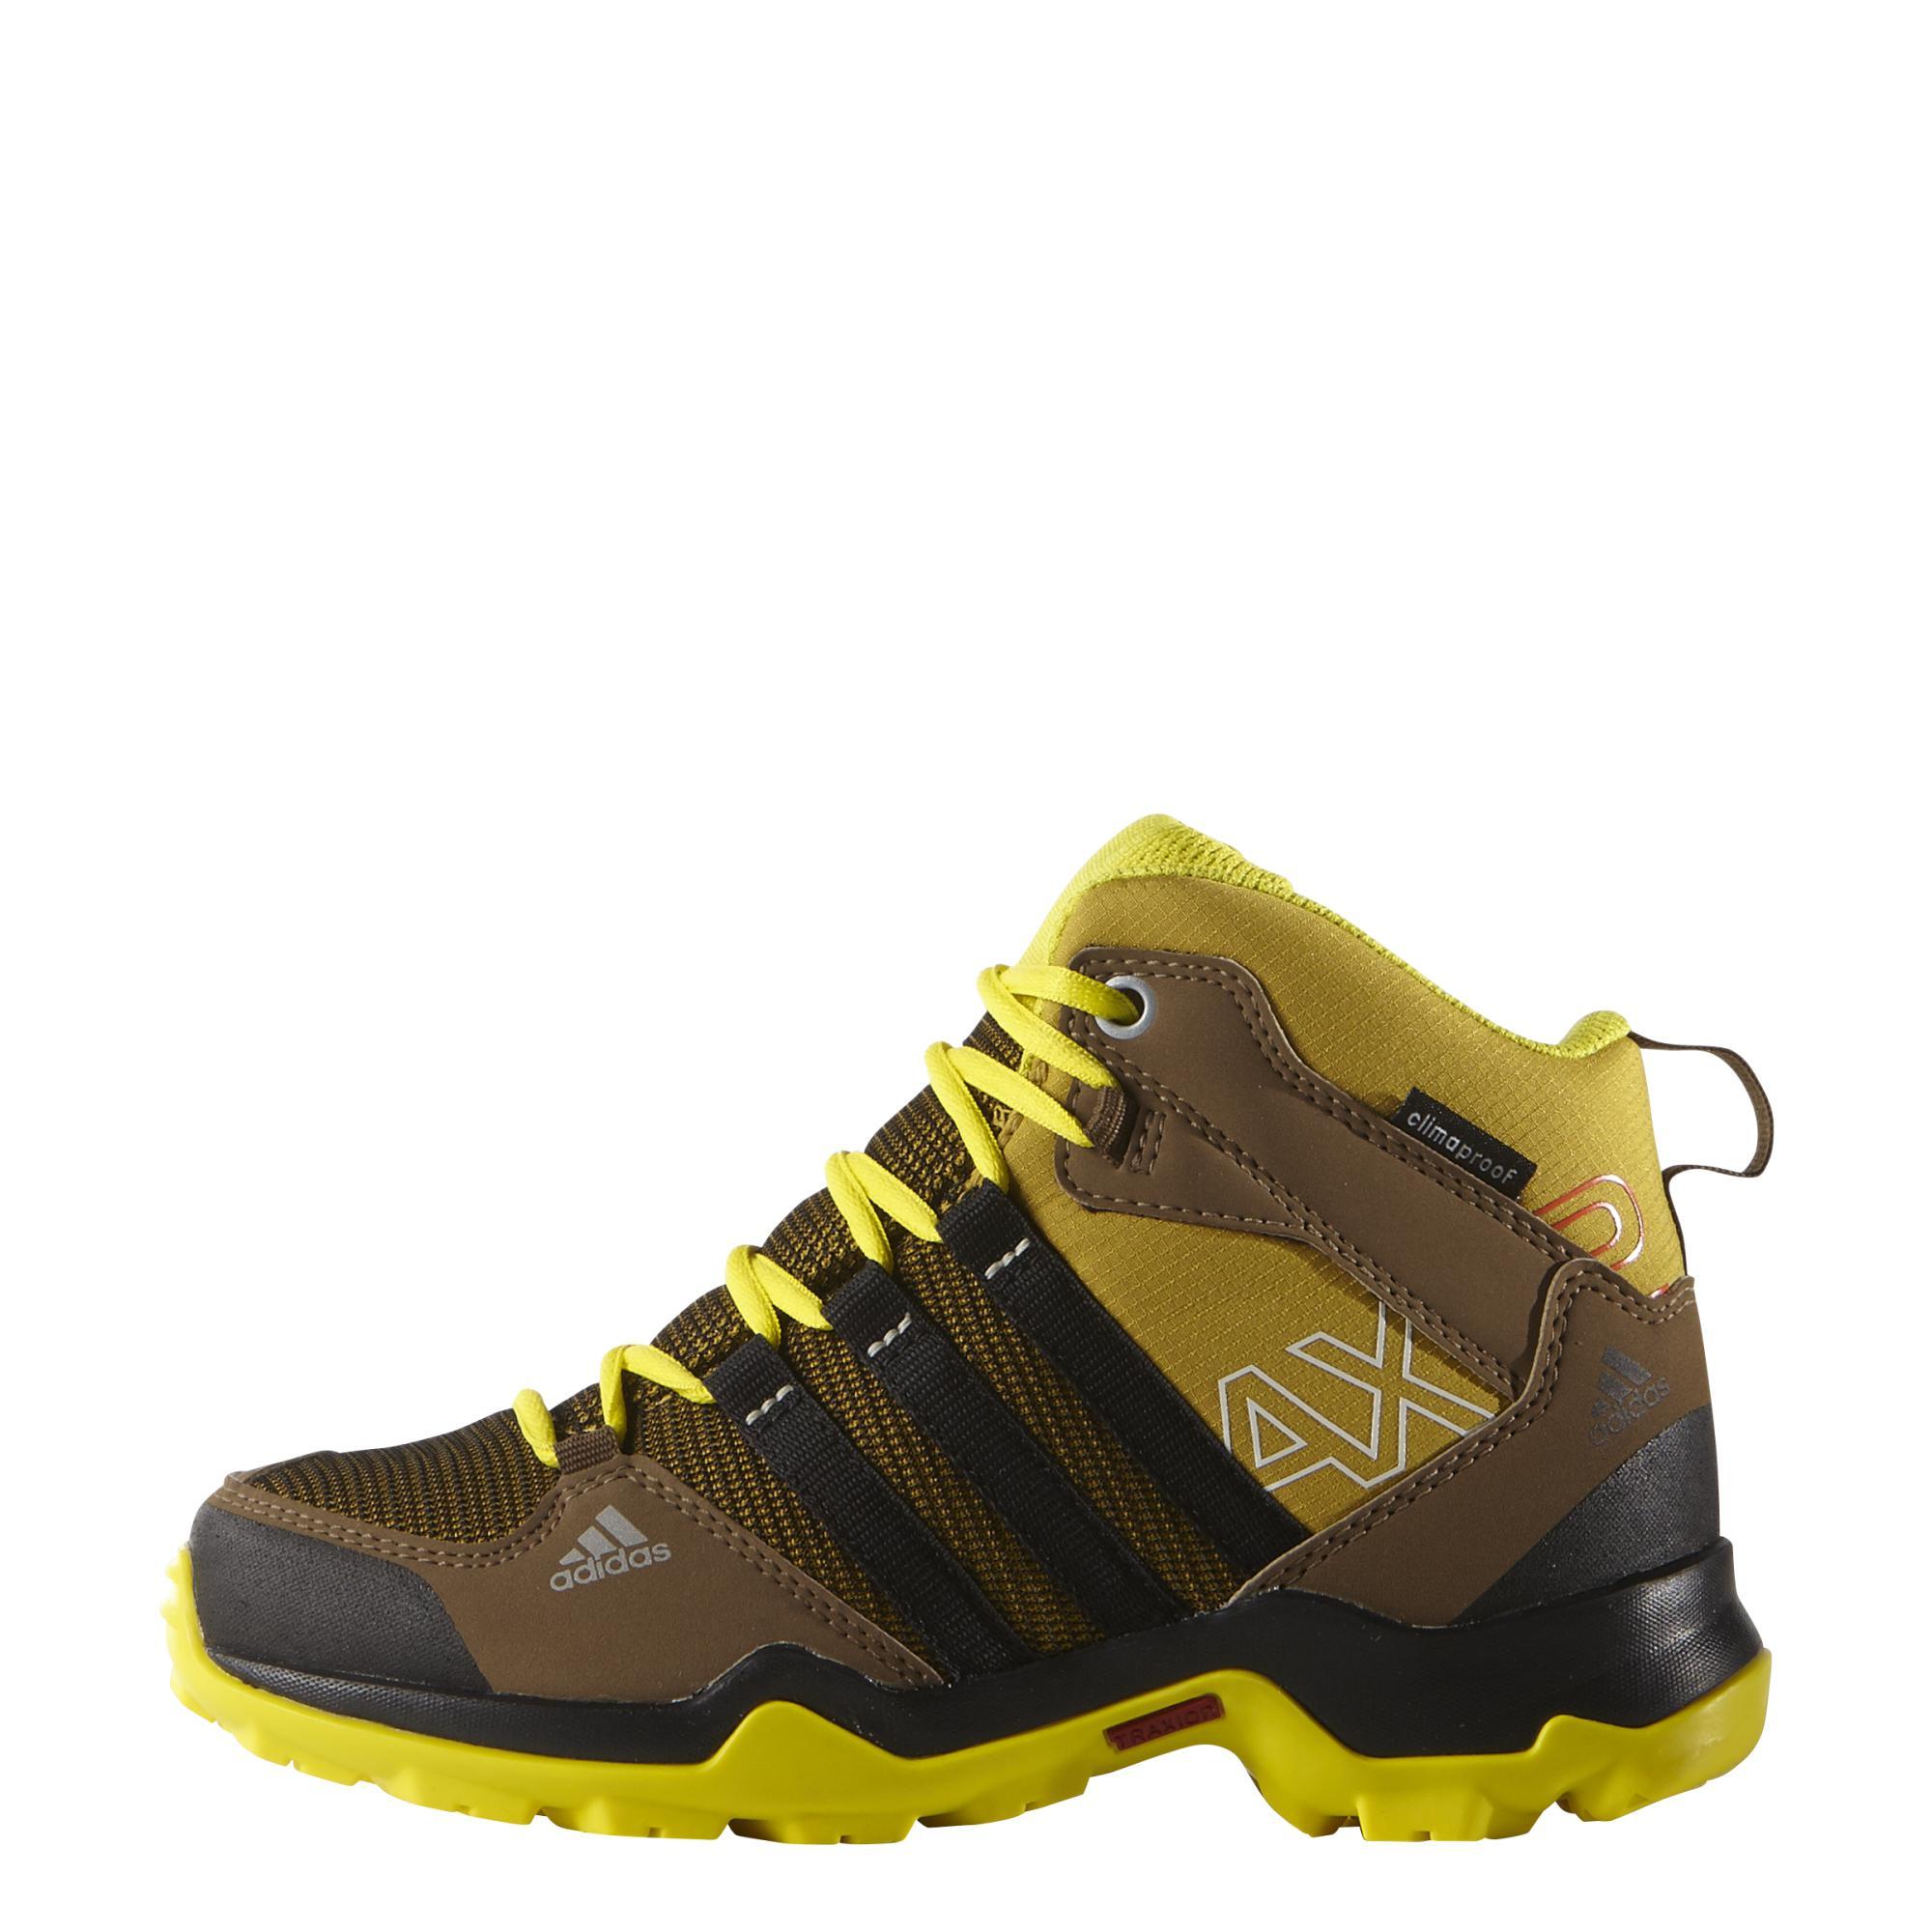 Botas de montaña Botas adidas AX2 Mid azul amarillo infantil